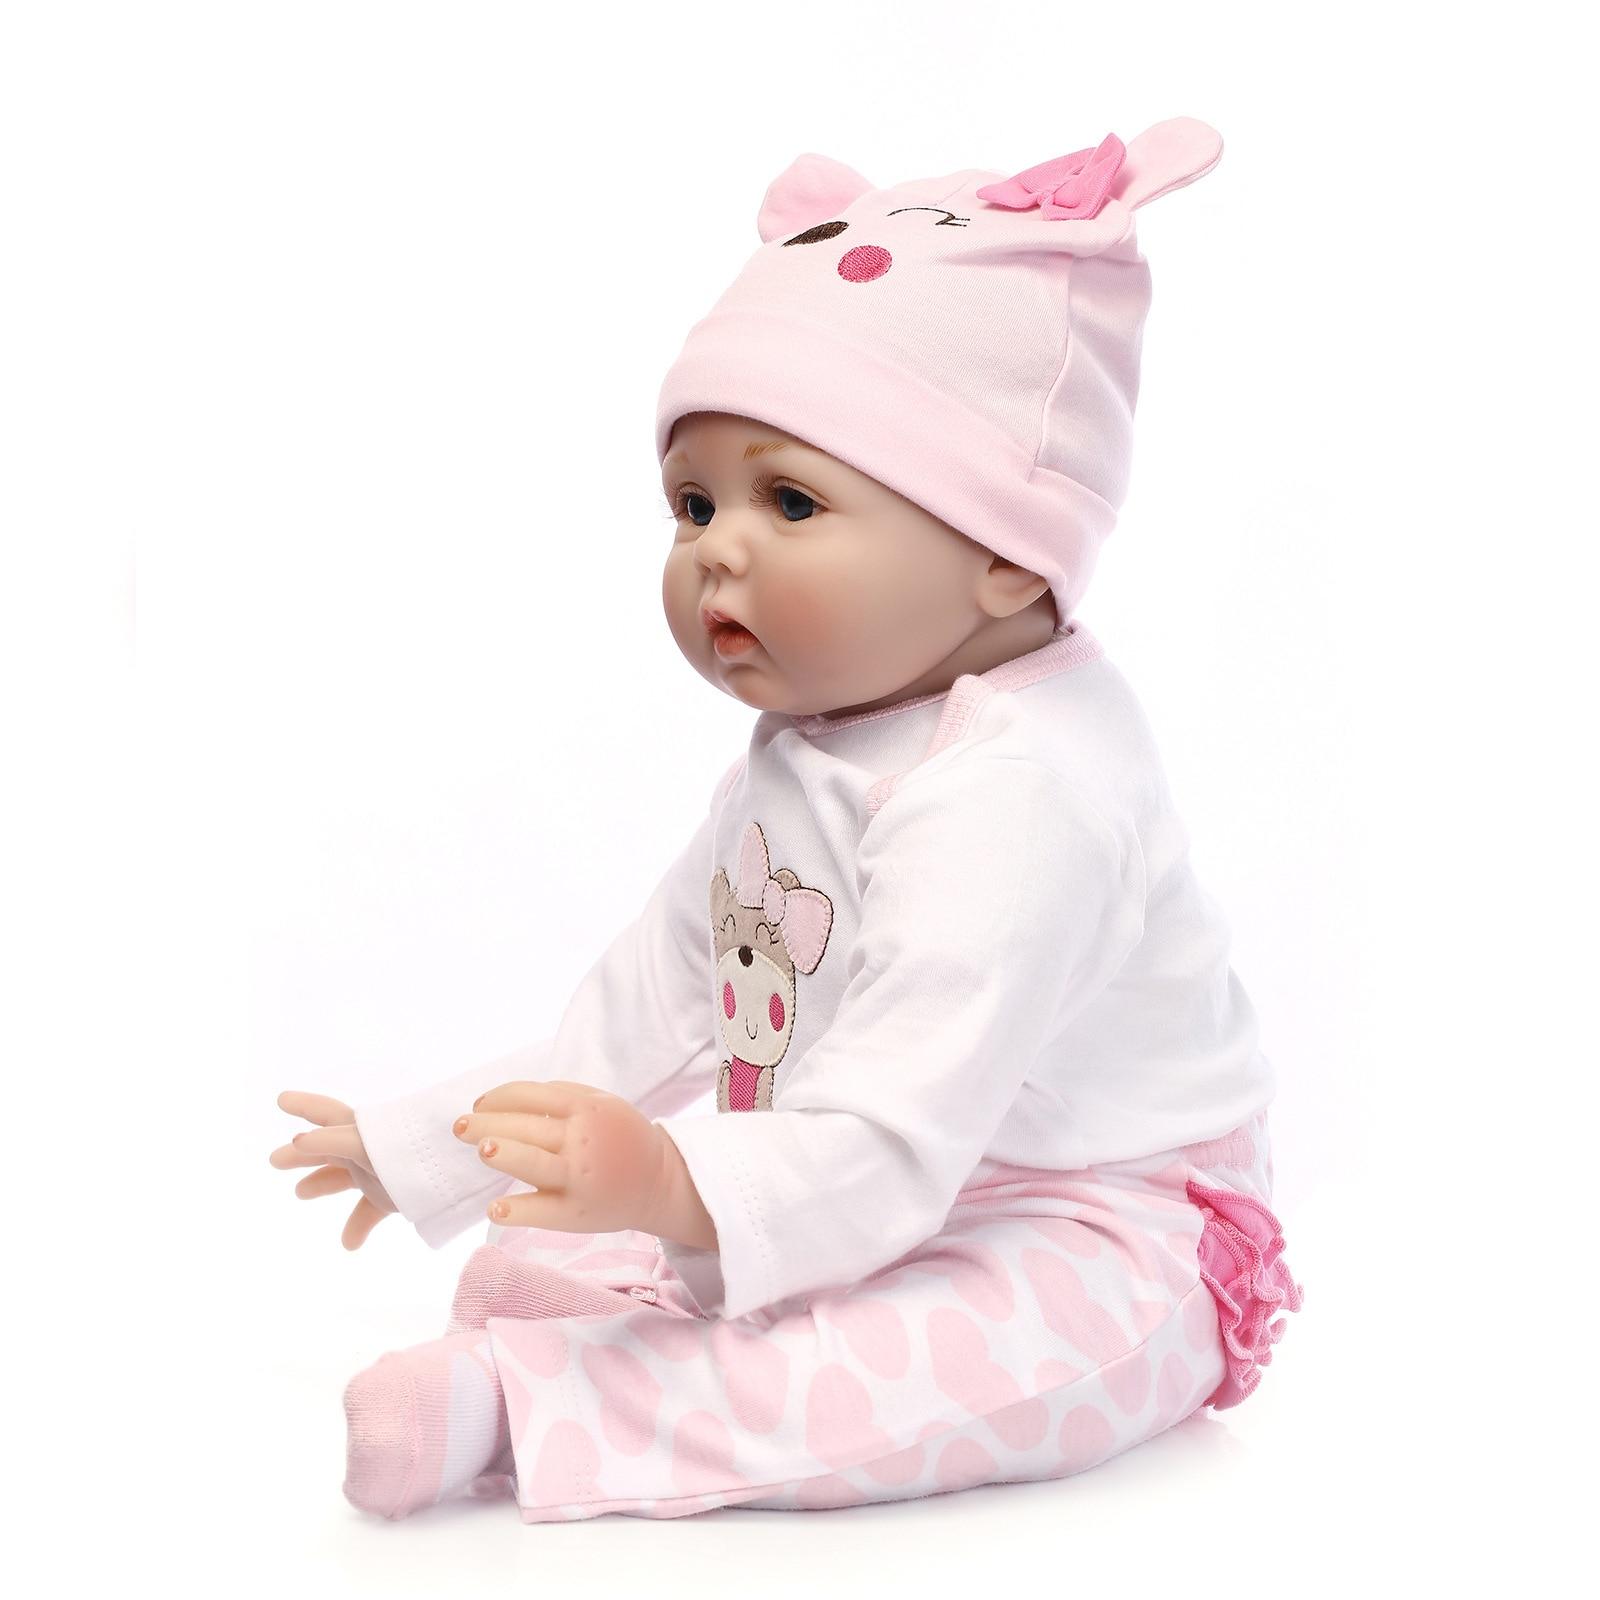 Vinilo de Silicona Suave 55 cm Reborn Baby Girl Doll Appease Muñecas - Muñecas y accesorios - foto 5